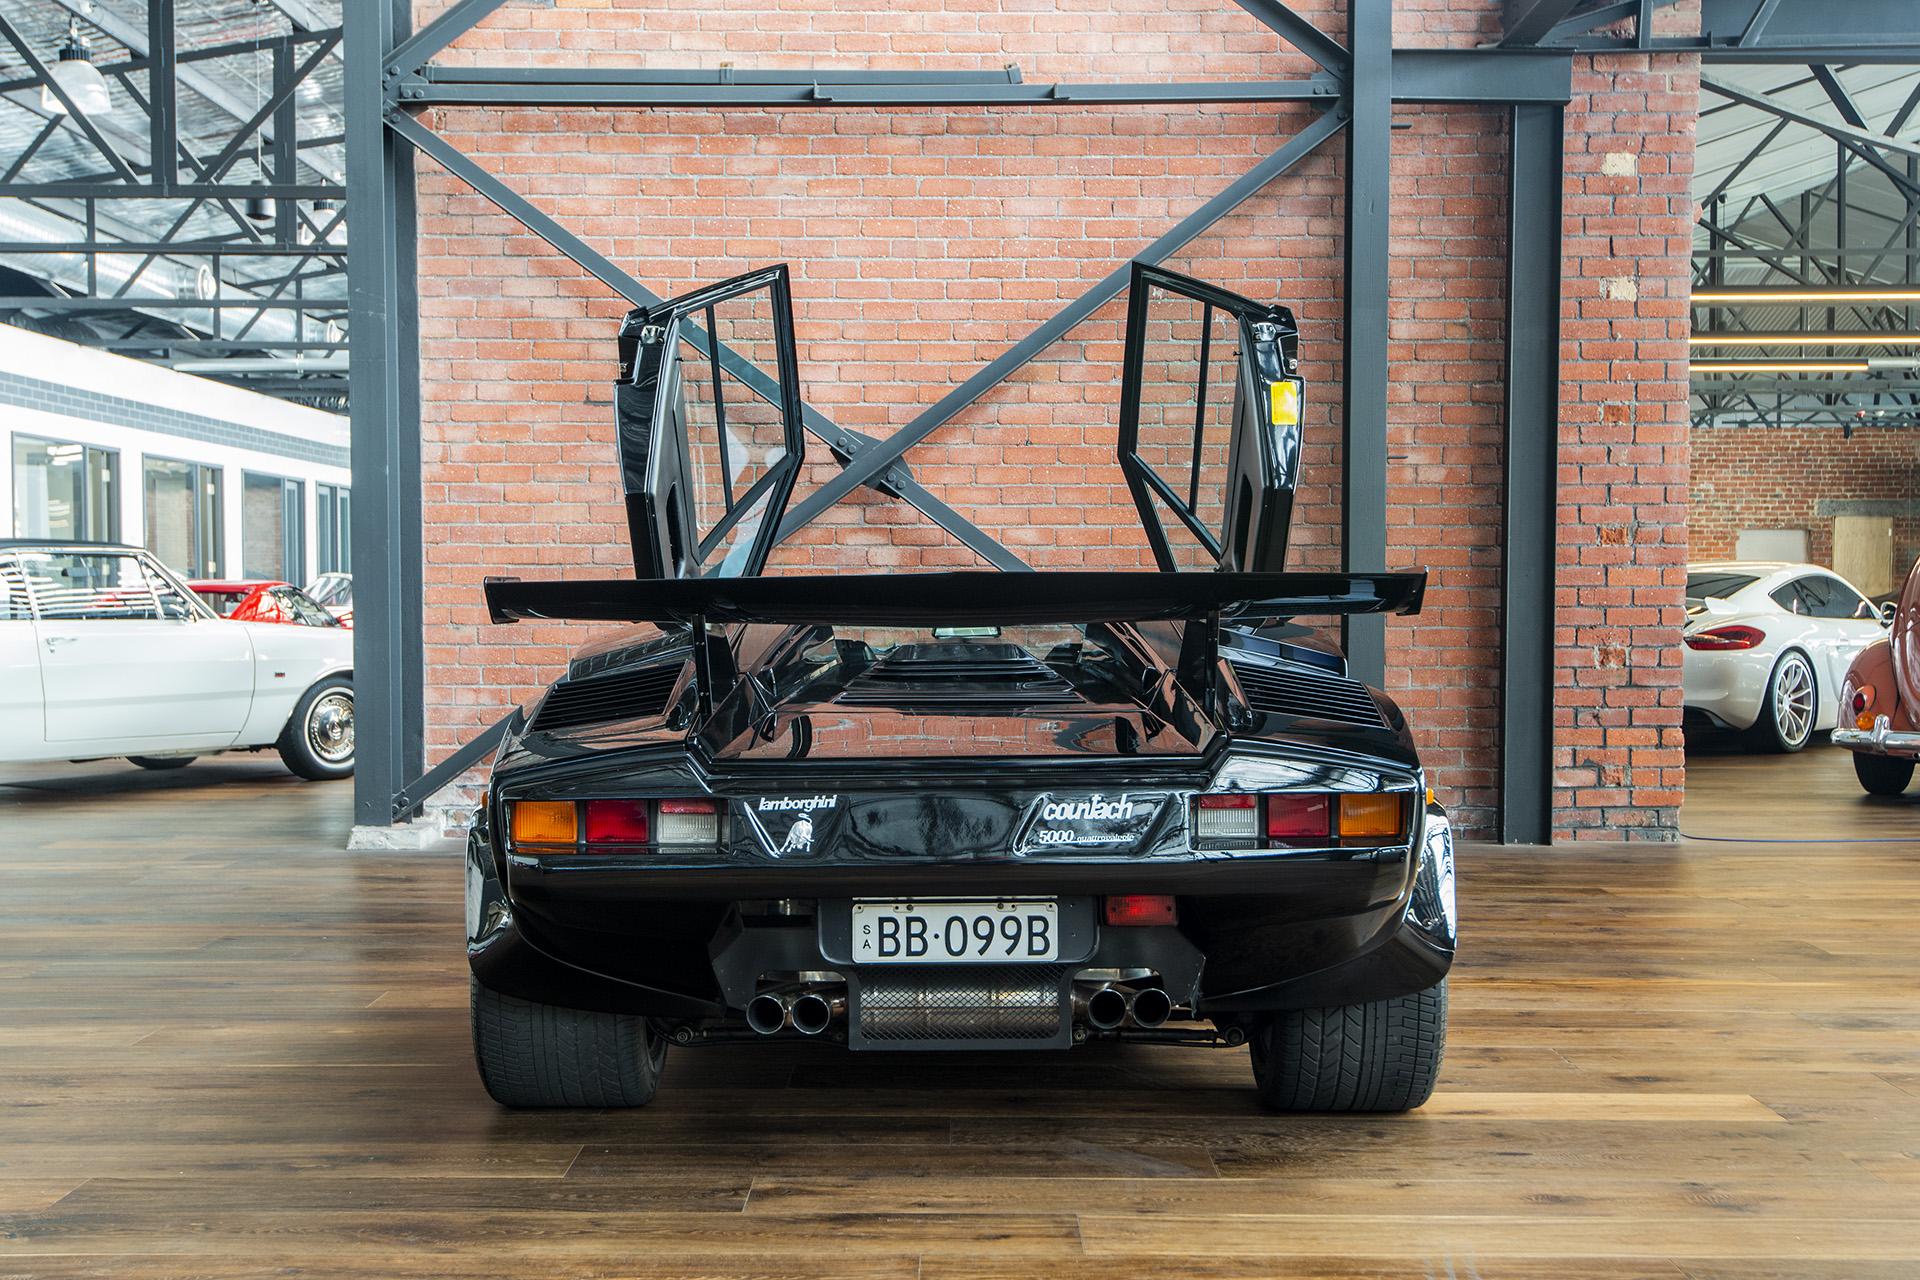 Lamborghini Countach Qv5000 Black 27 Richmonds Classic And